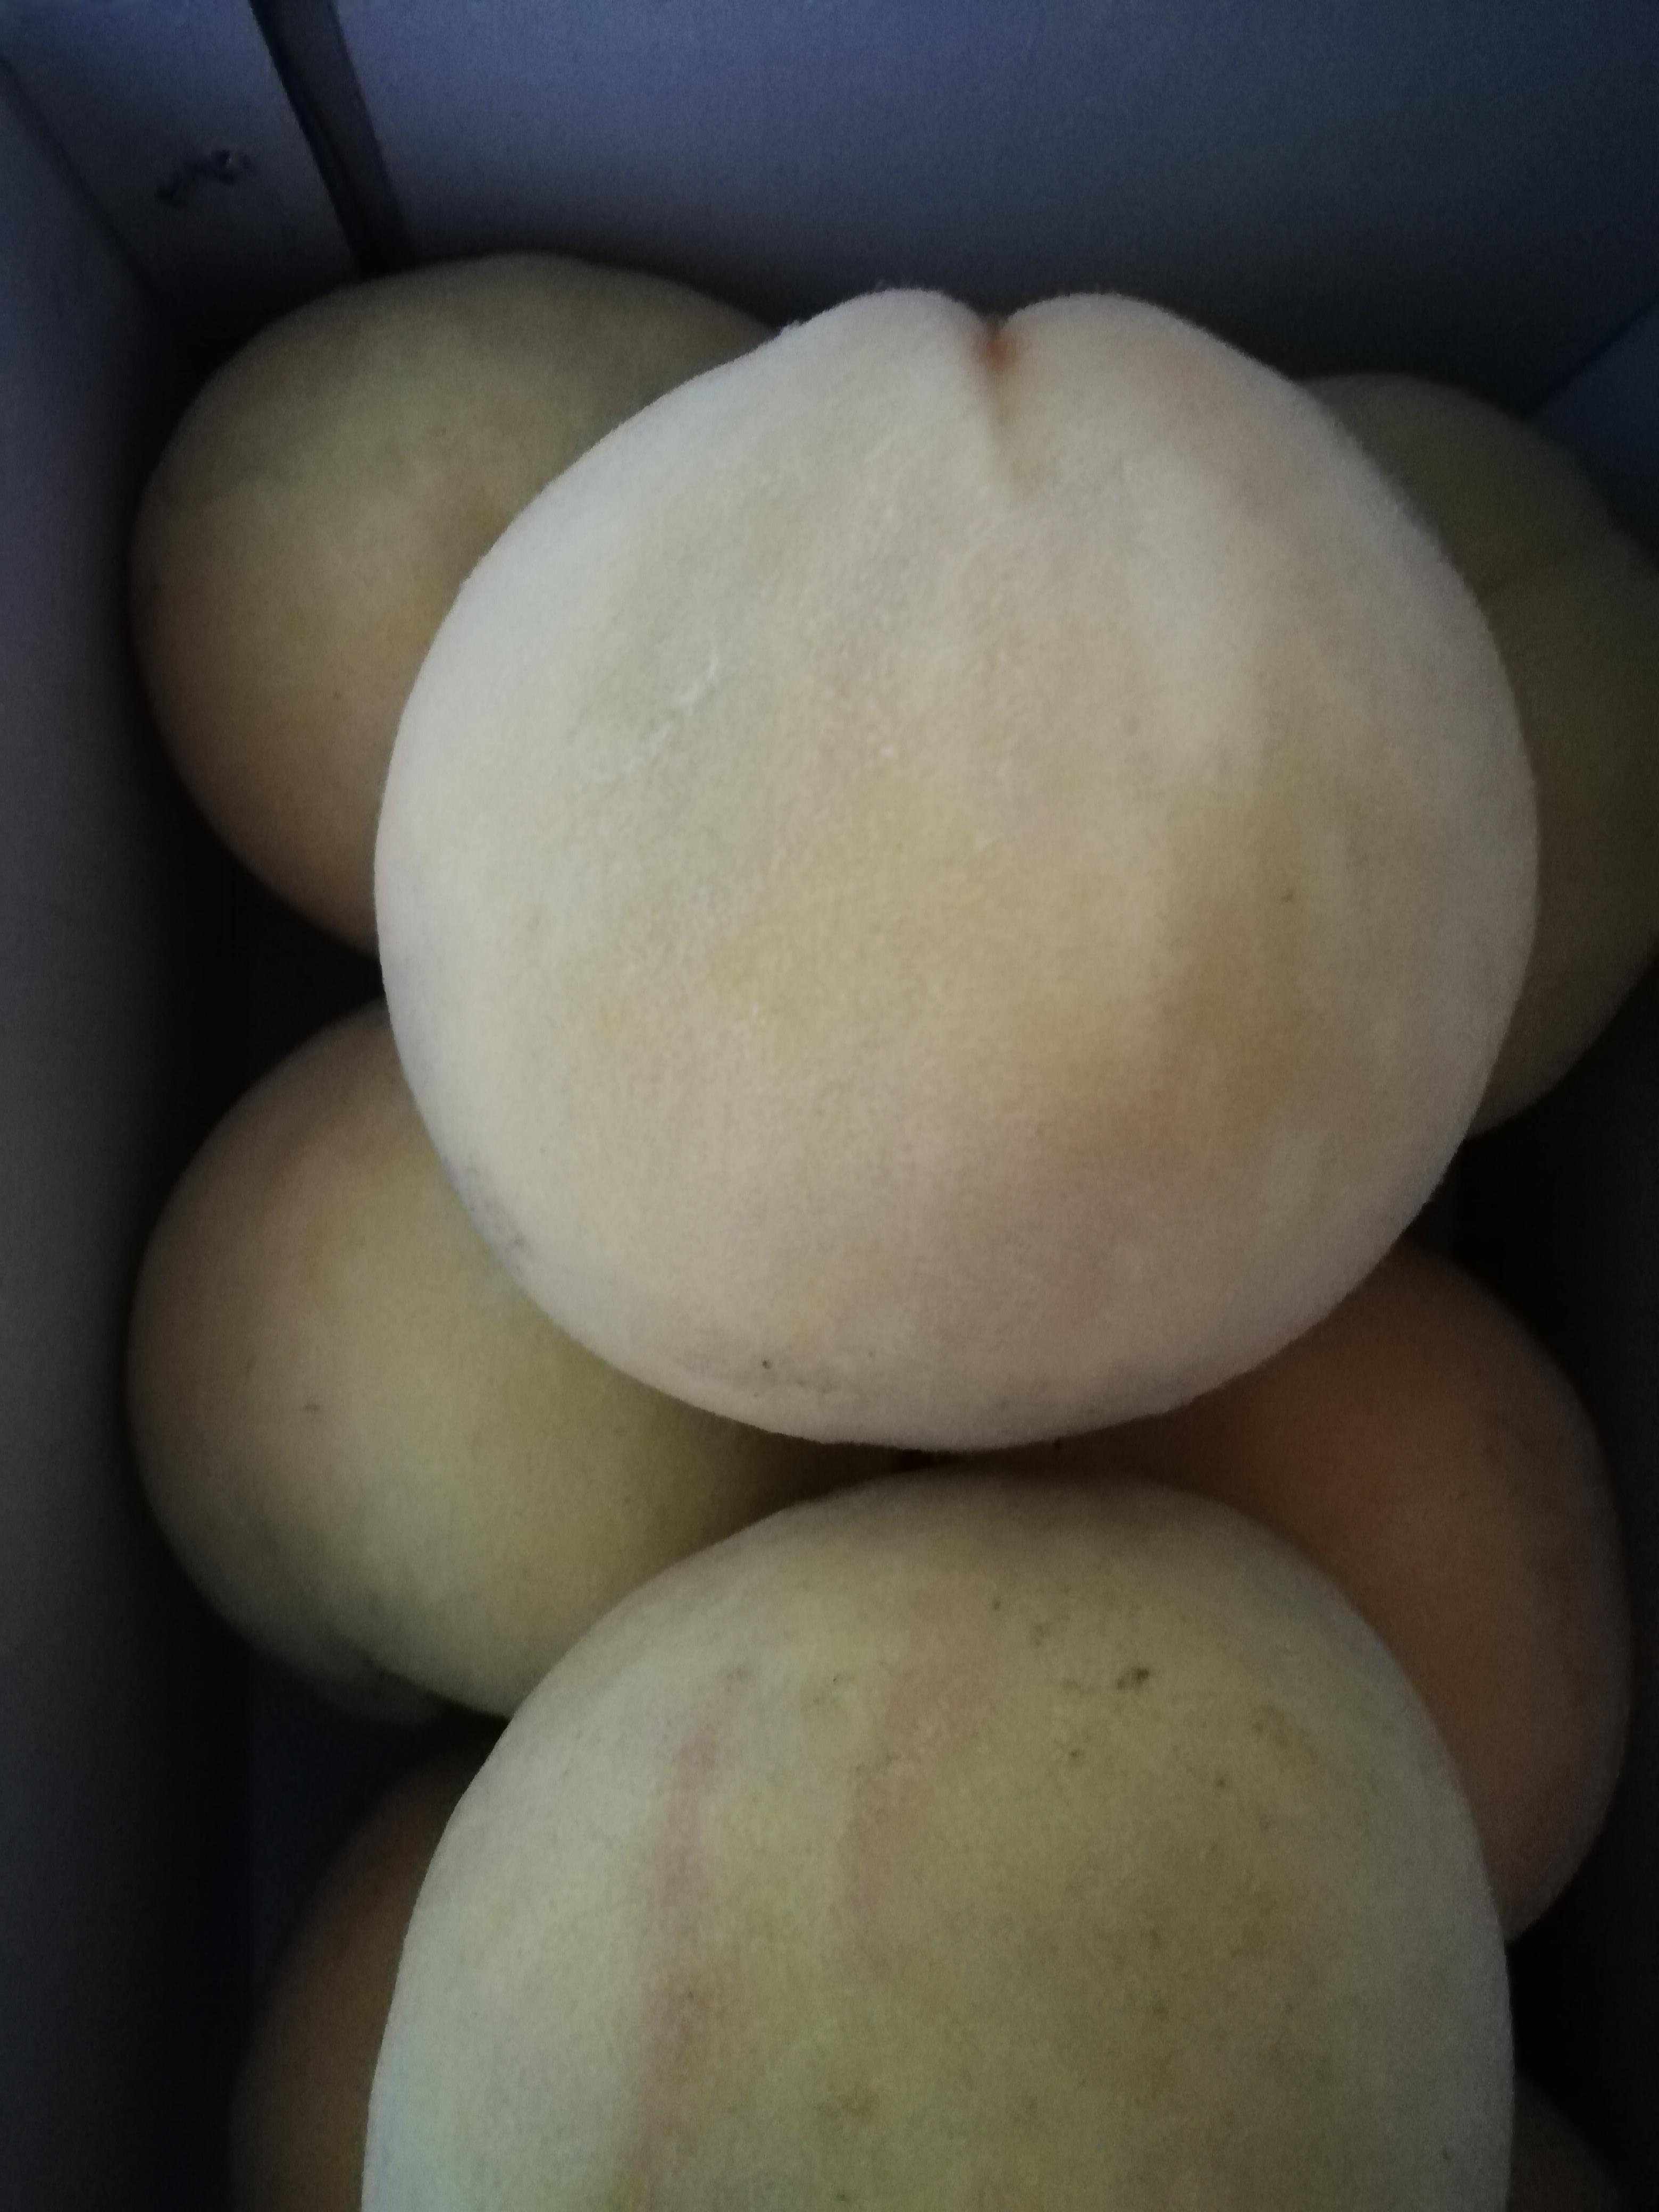 我第一次买这家桃子,哇!太好吃了,一口气吃了3个,比往年别地方买的好吃多了,我家老公不爱吃桃的,也吃了一个,吃了还一个劲的点头,我决定了以后想买黄桃就这家了